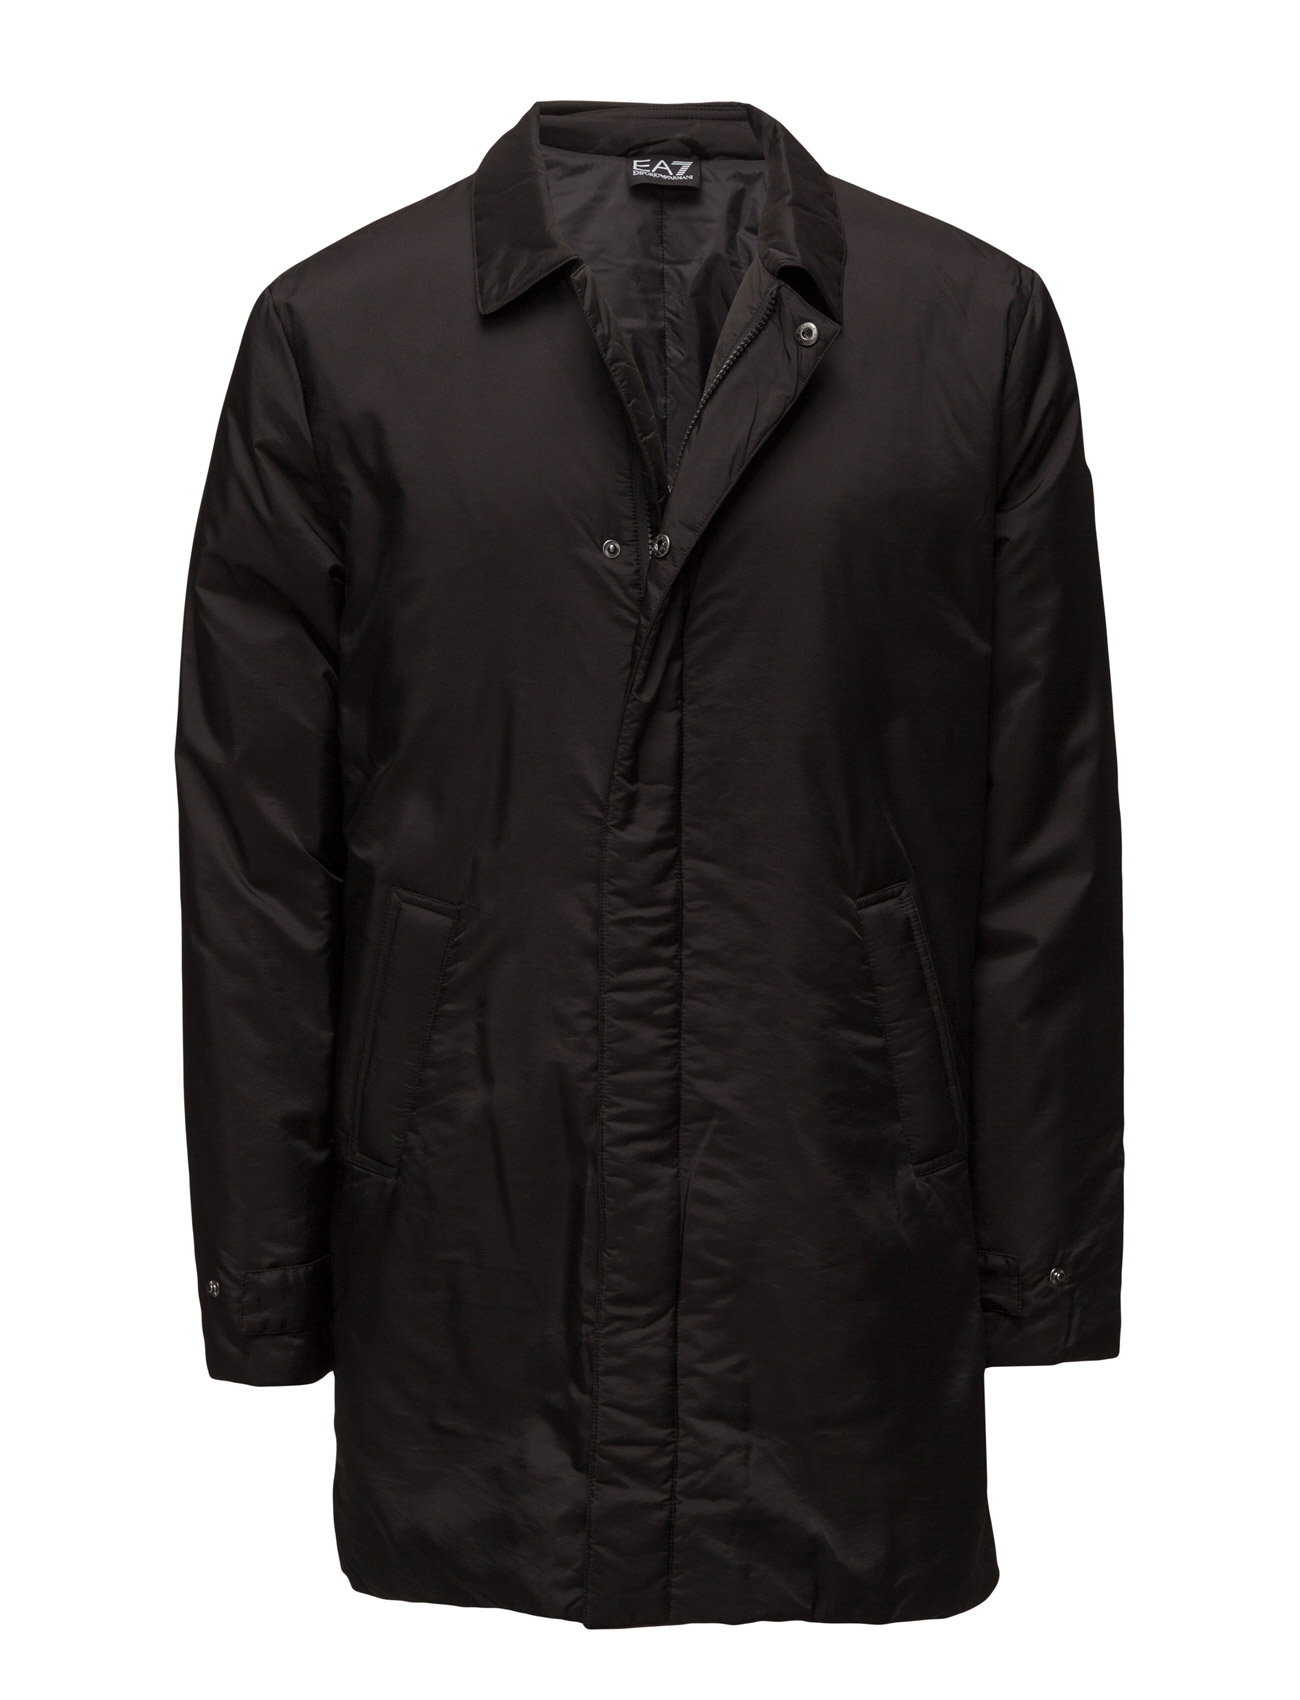 ea7 Blouson jacket på boozt.com dk